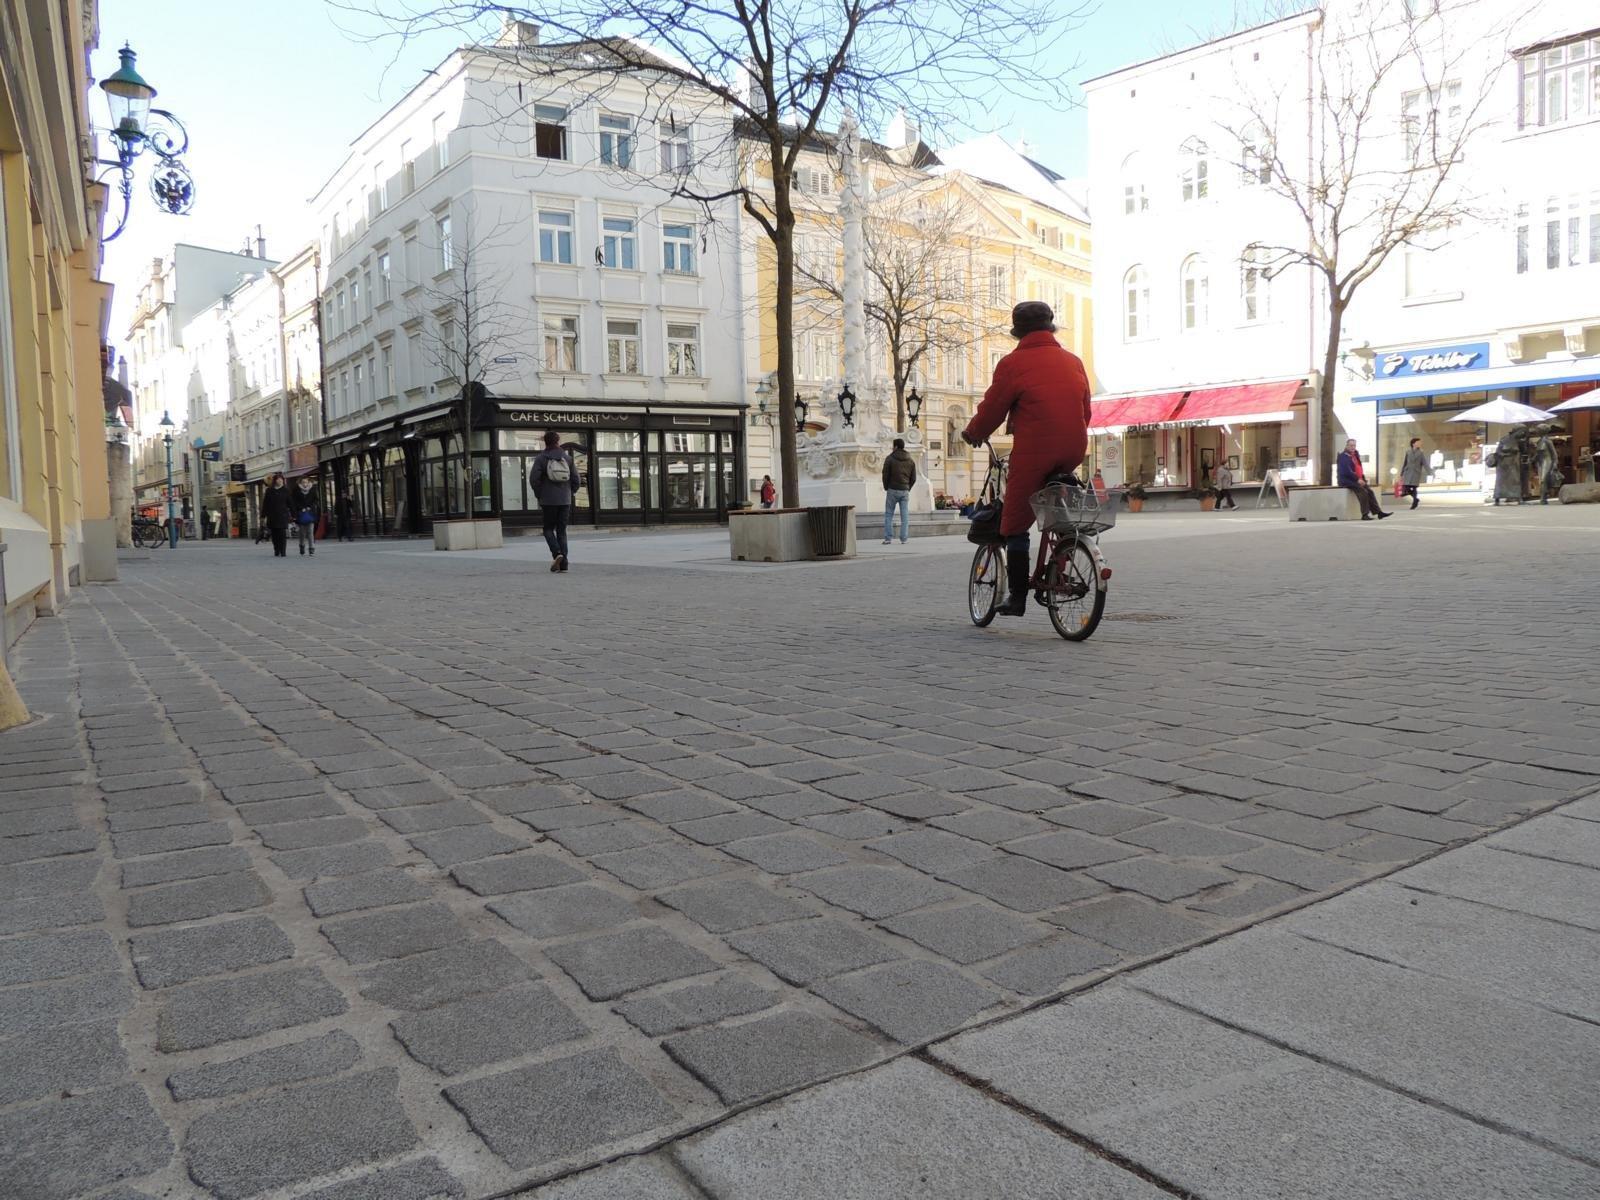 St. Pölten - Herrenplatz6